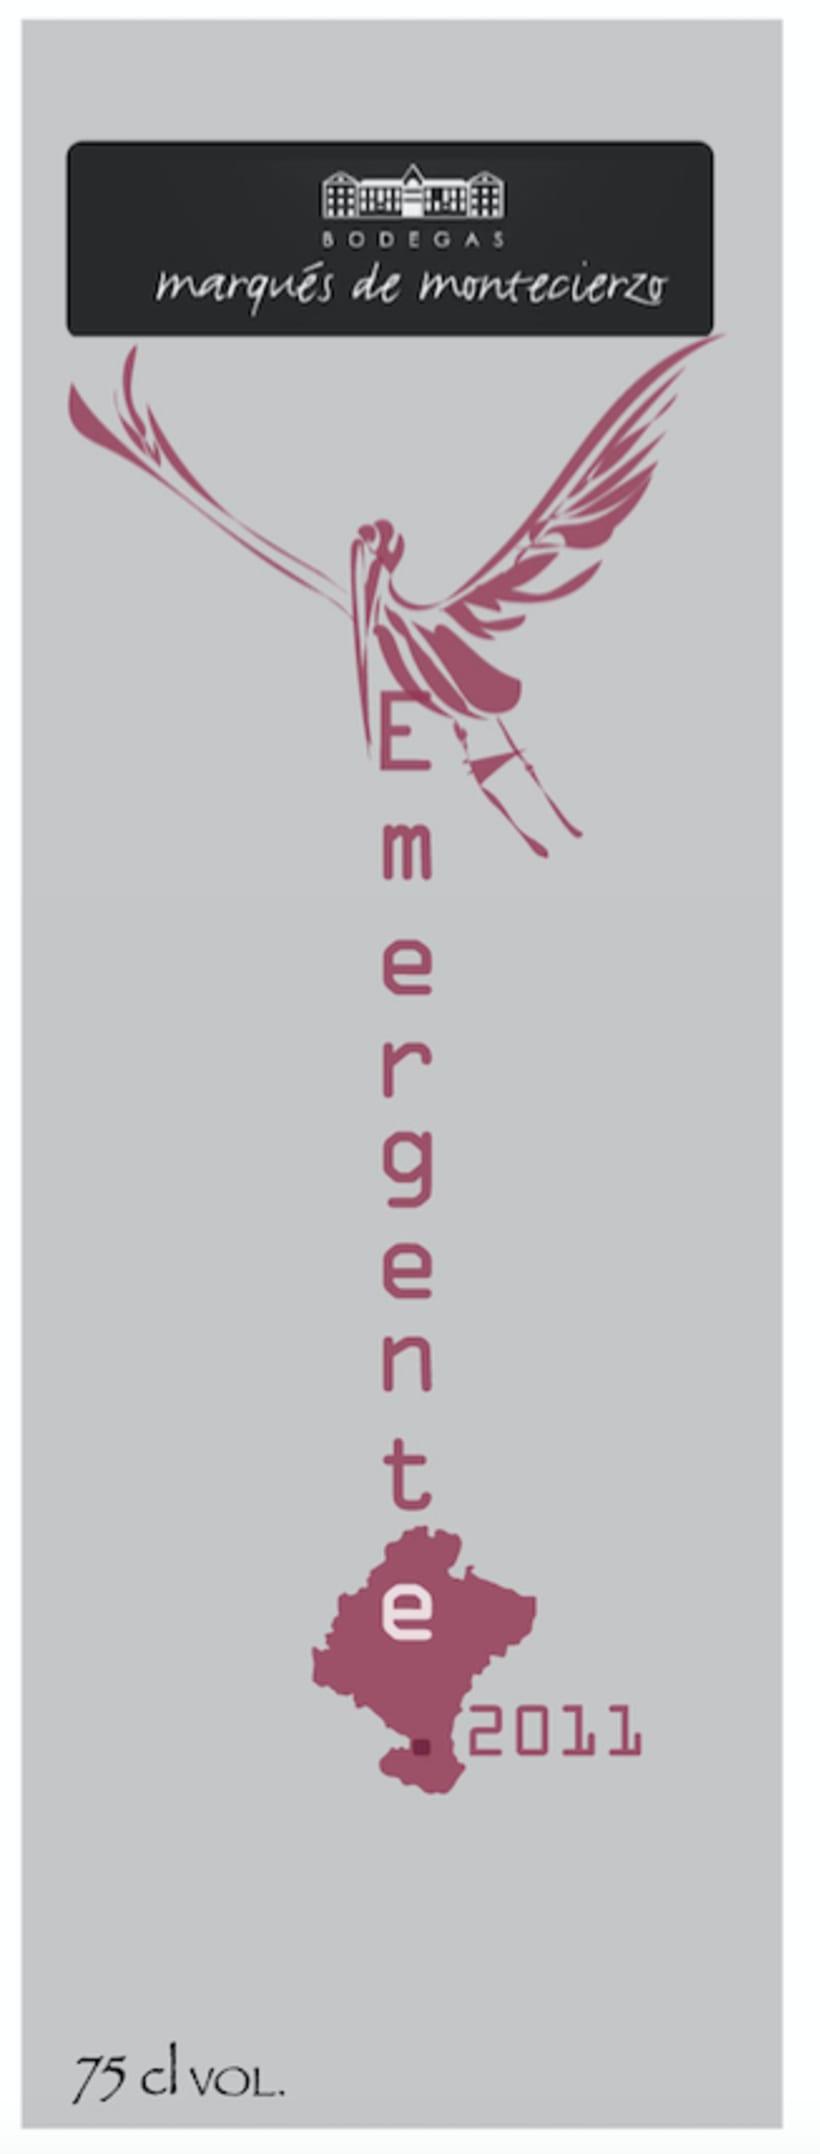 Rediseño packaging  Vinos Emergente 8